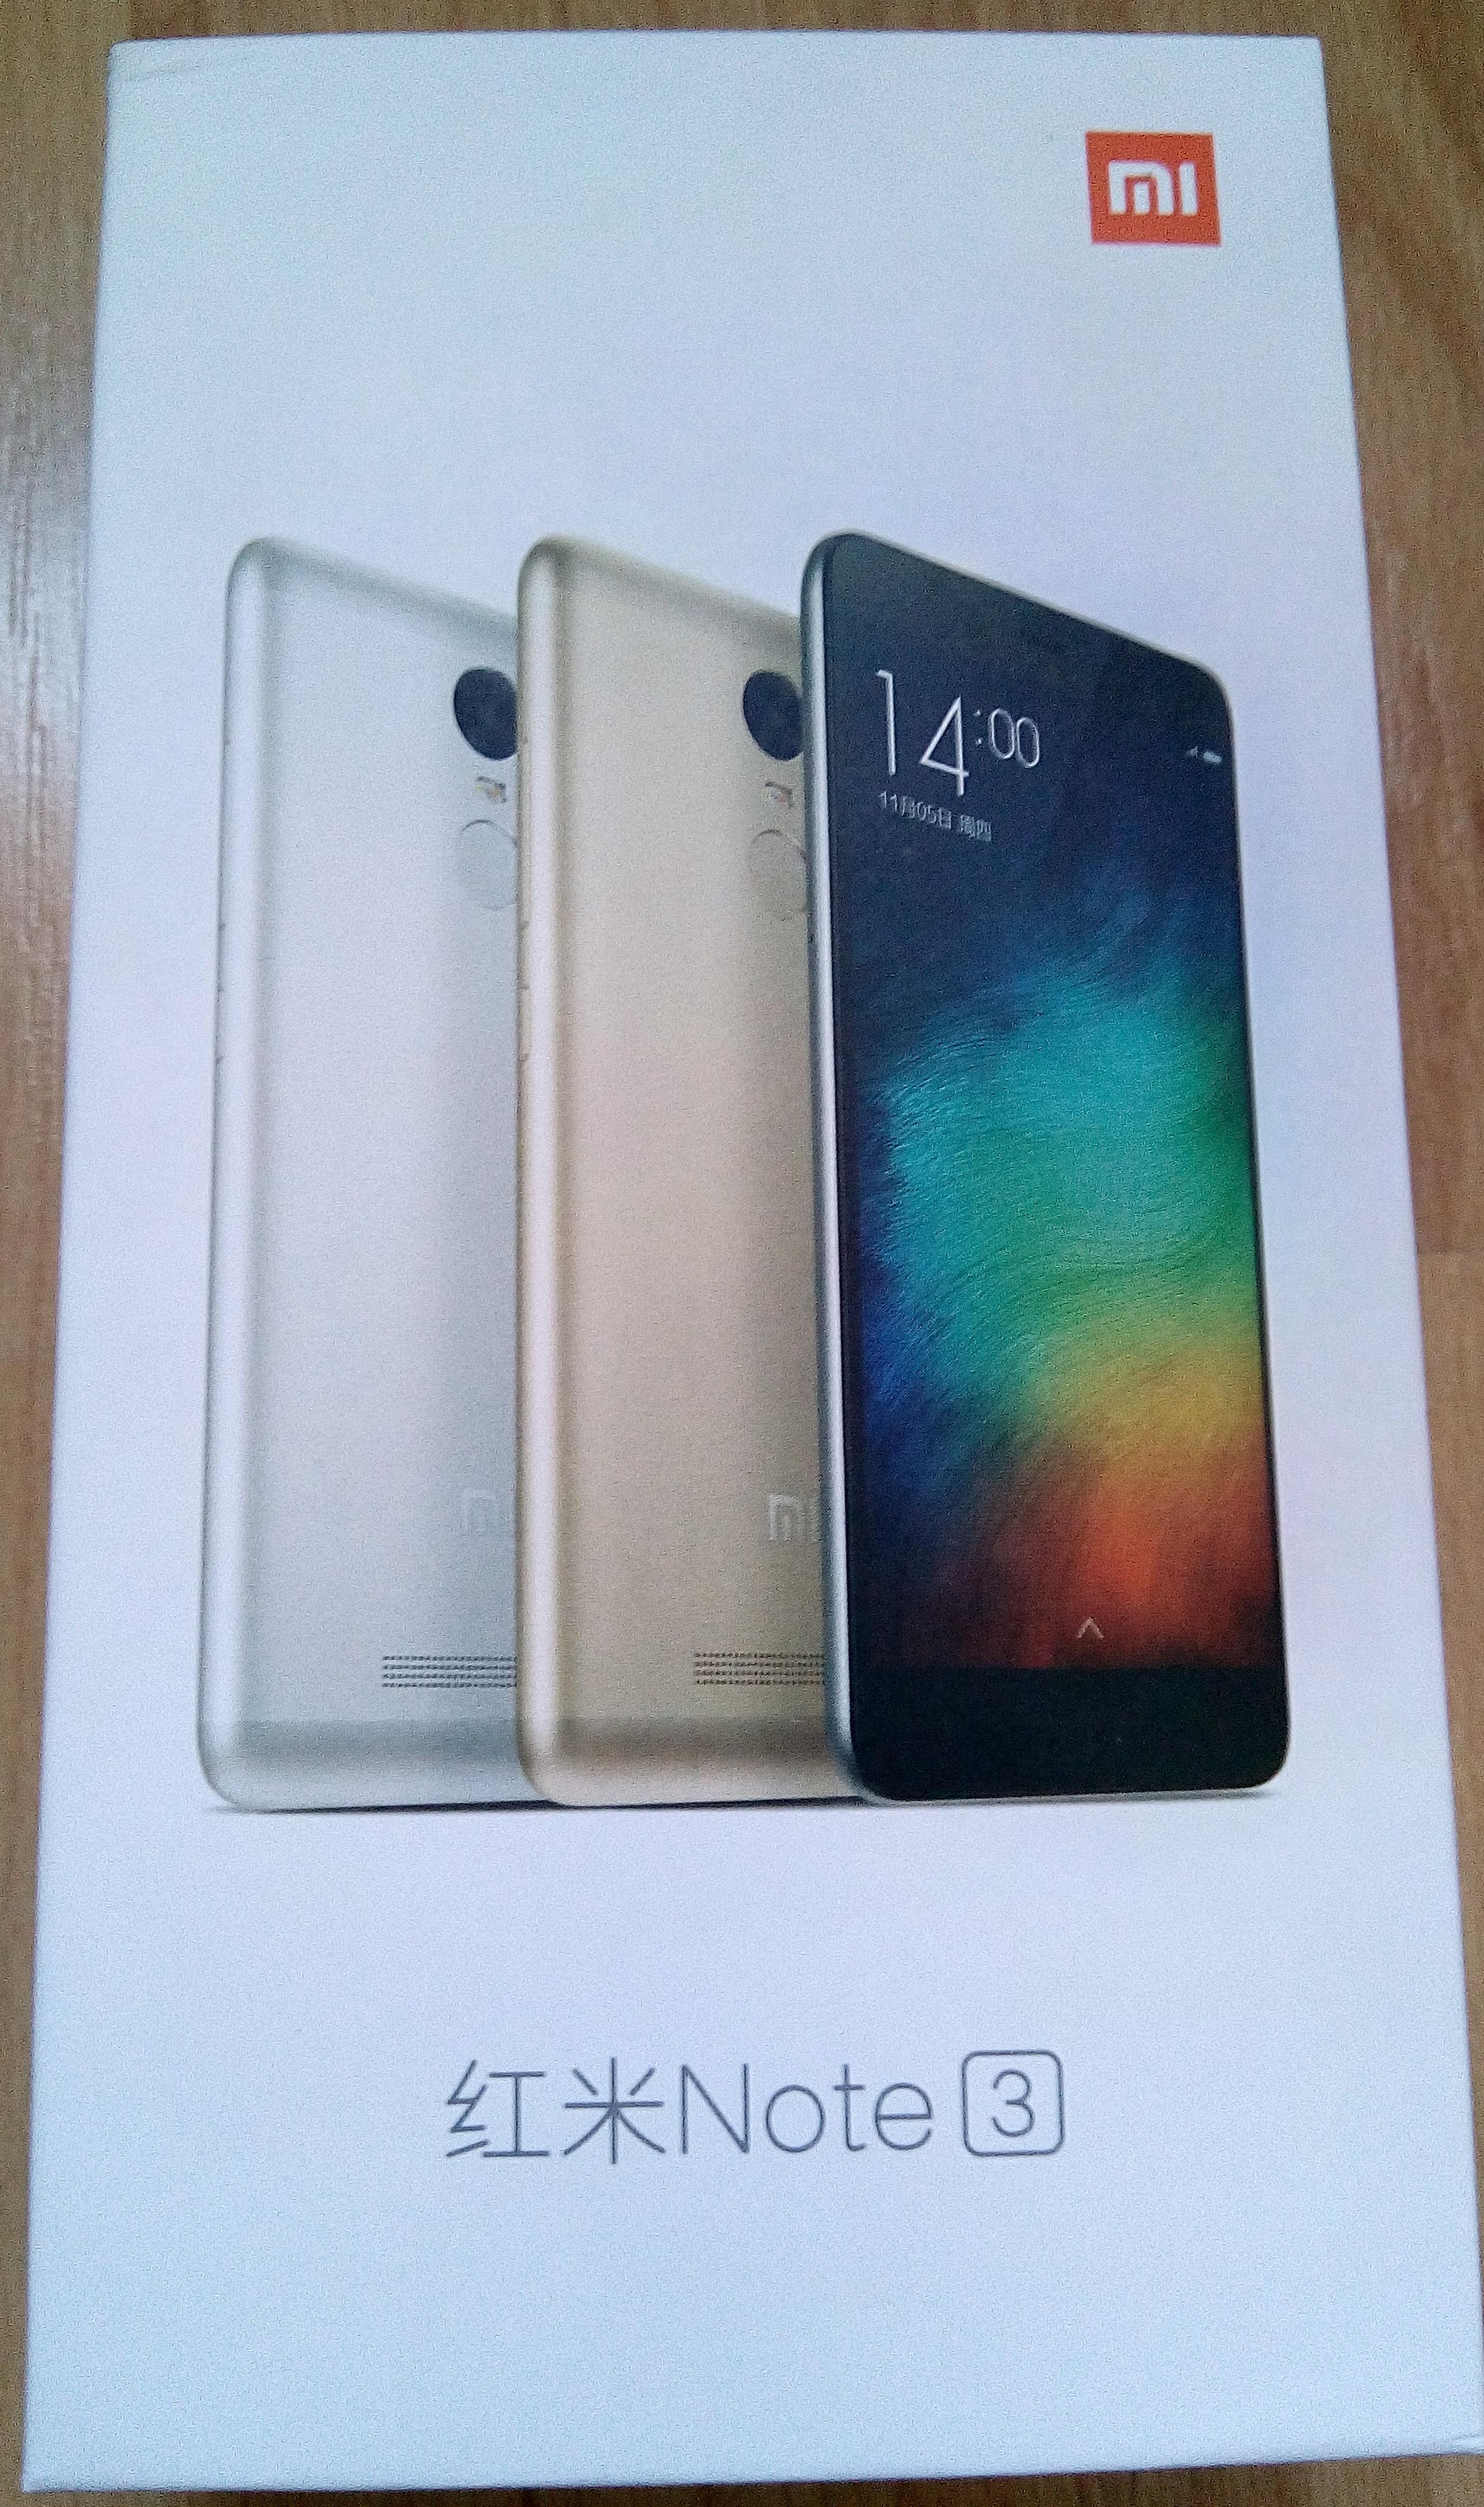 Test du Xiaomi Redmi Note 3 : Des nouveautés intéressantes !